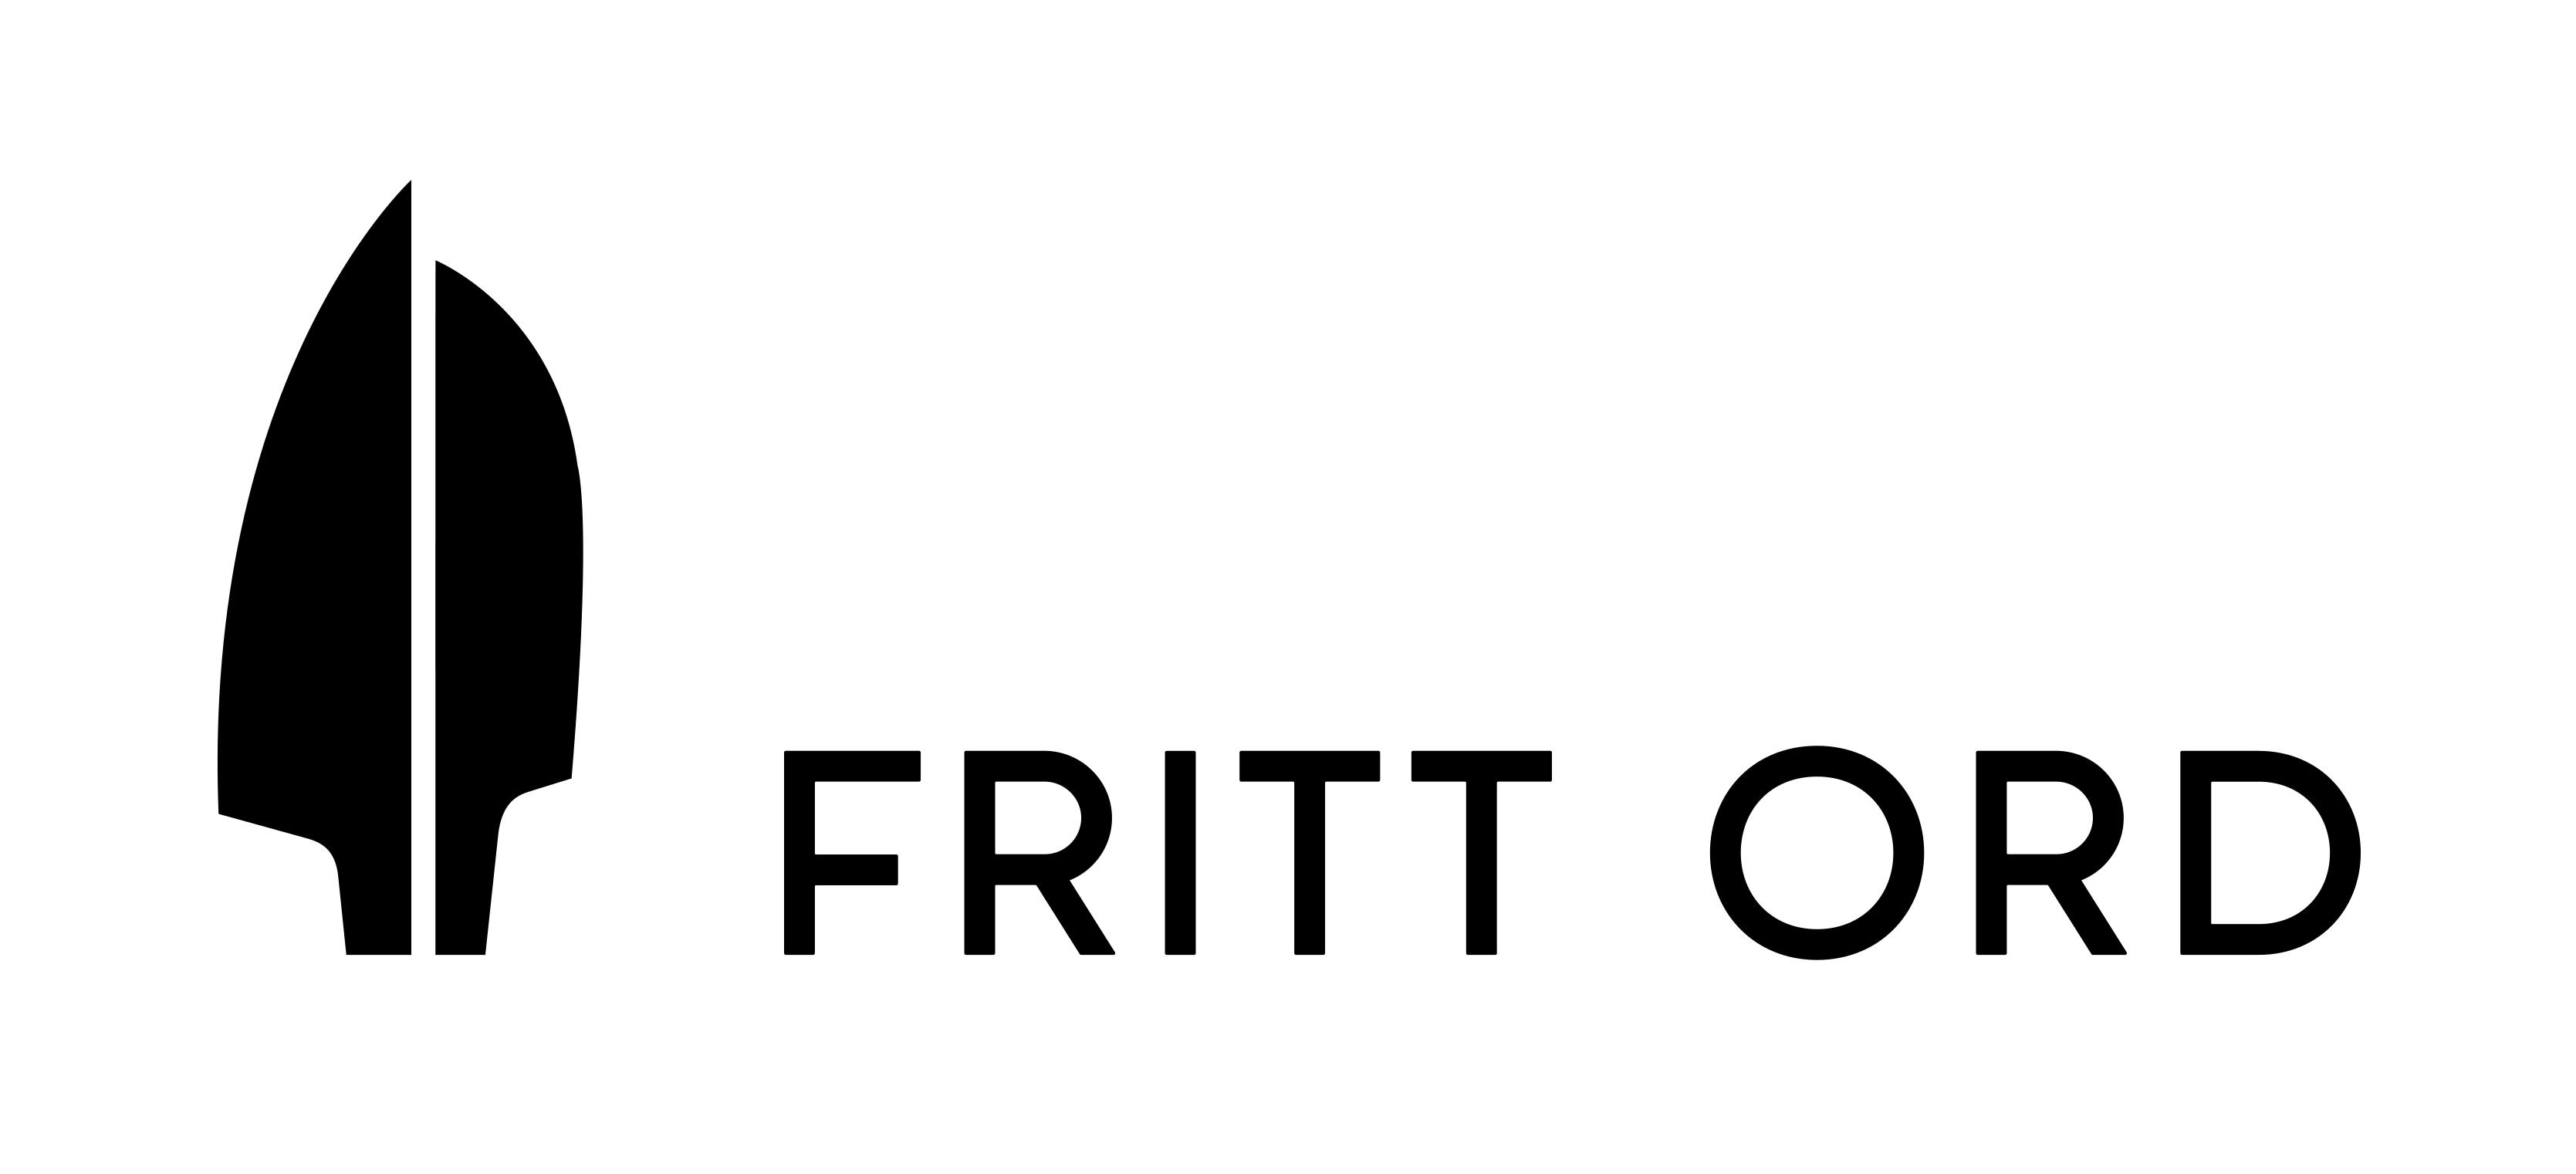 fritt-ord-logo-svart-liggende.jpg